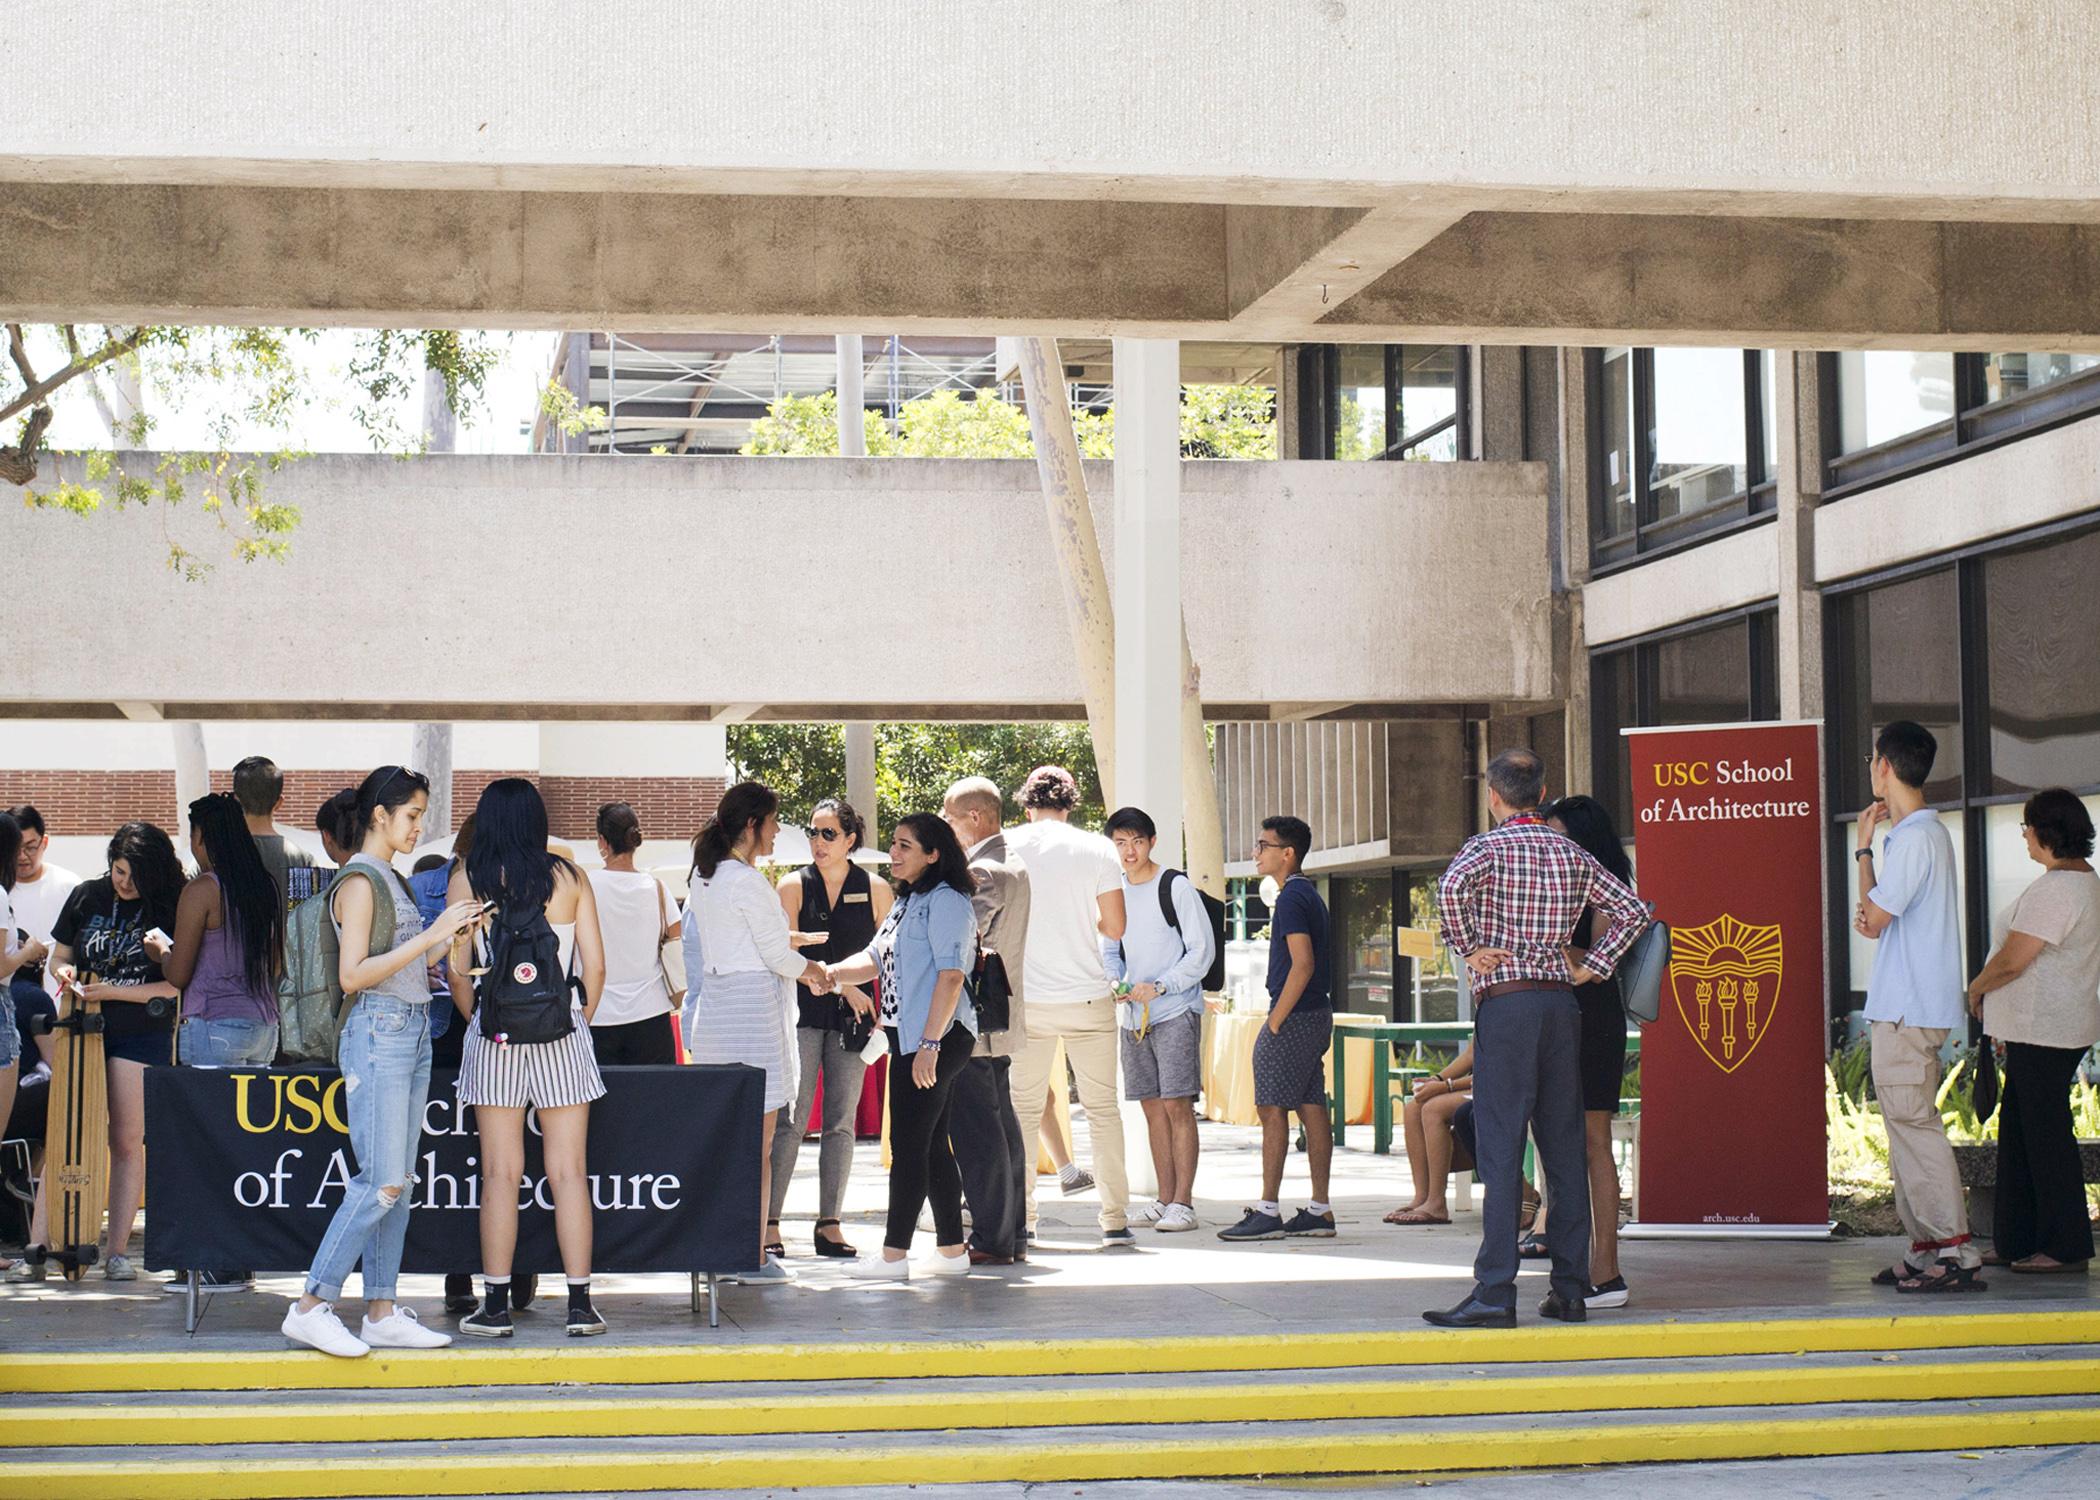 Discover USC: Prospective Undergraduate Open House